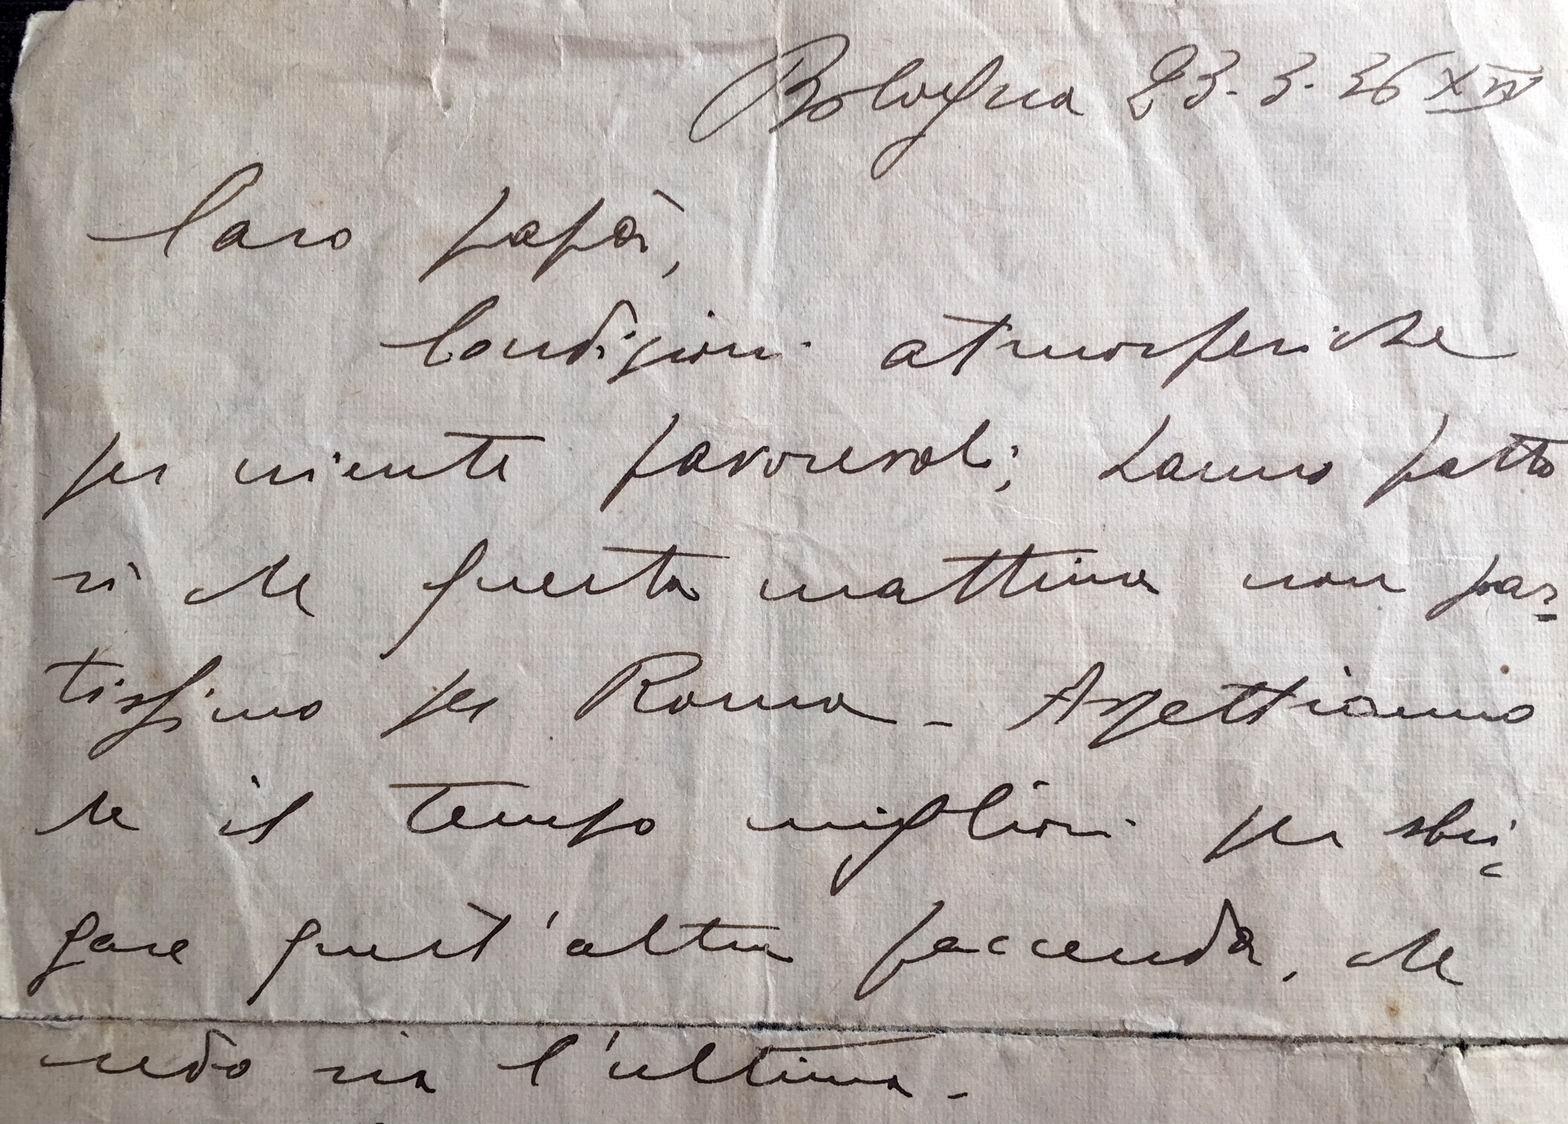 lettera del 23 marzo 1936